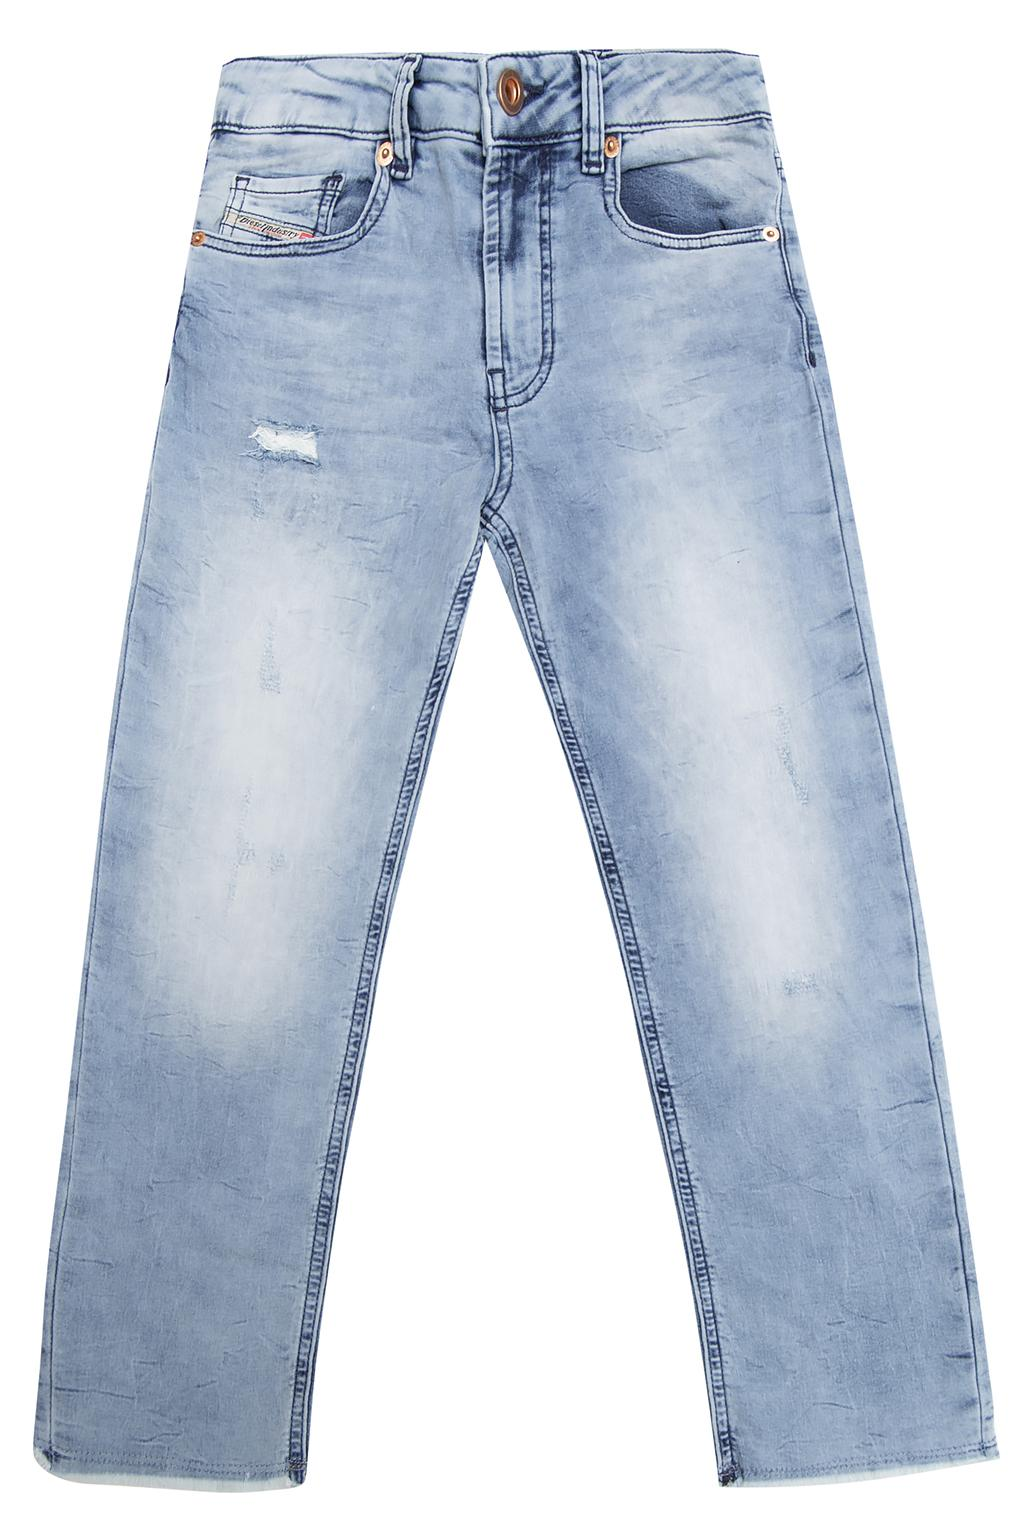 Diesel Kids 'Aryel' stonewashed jeans